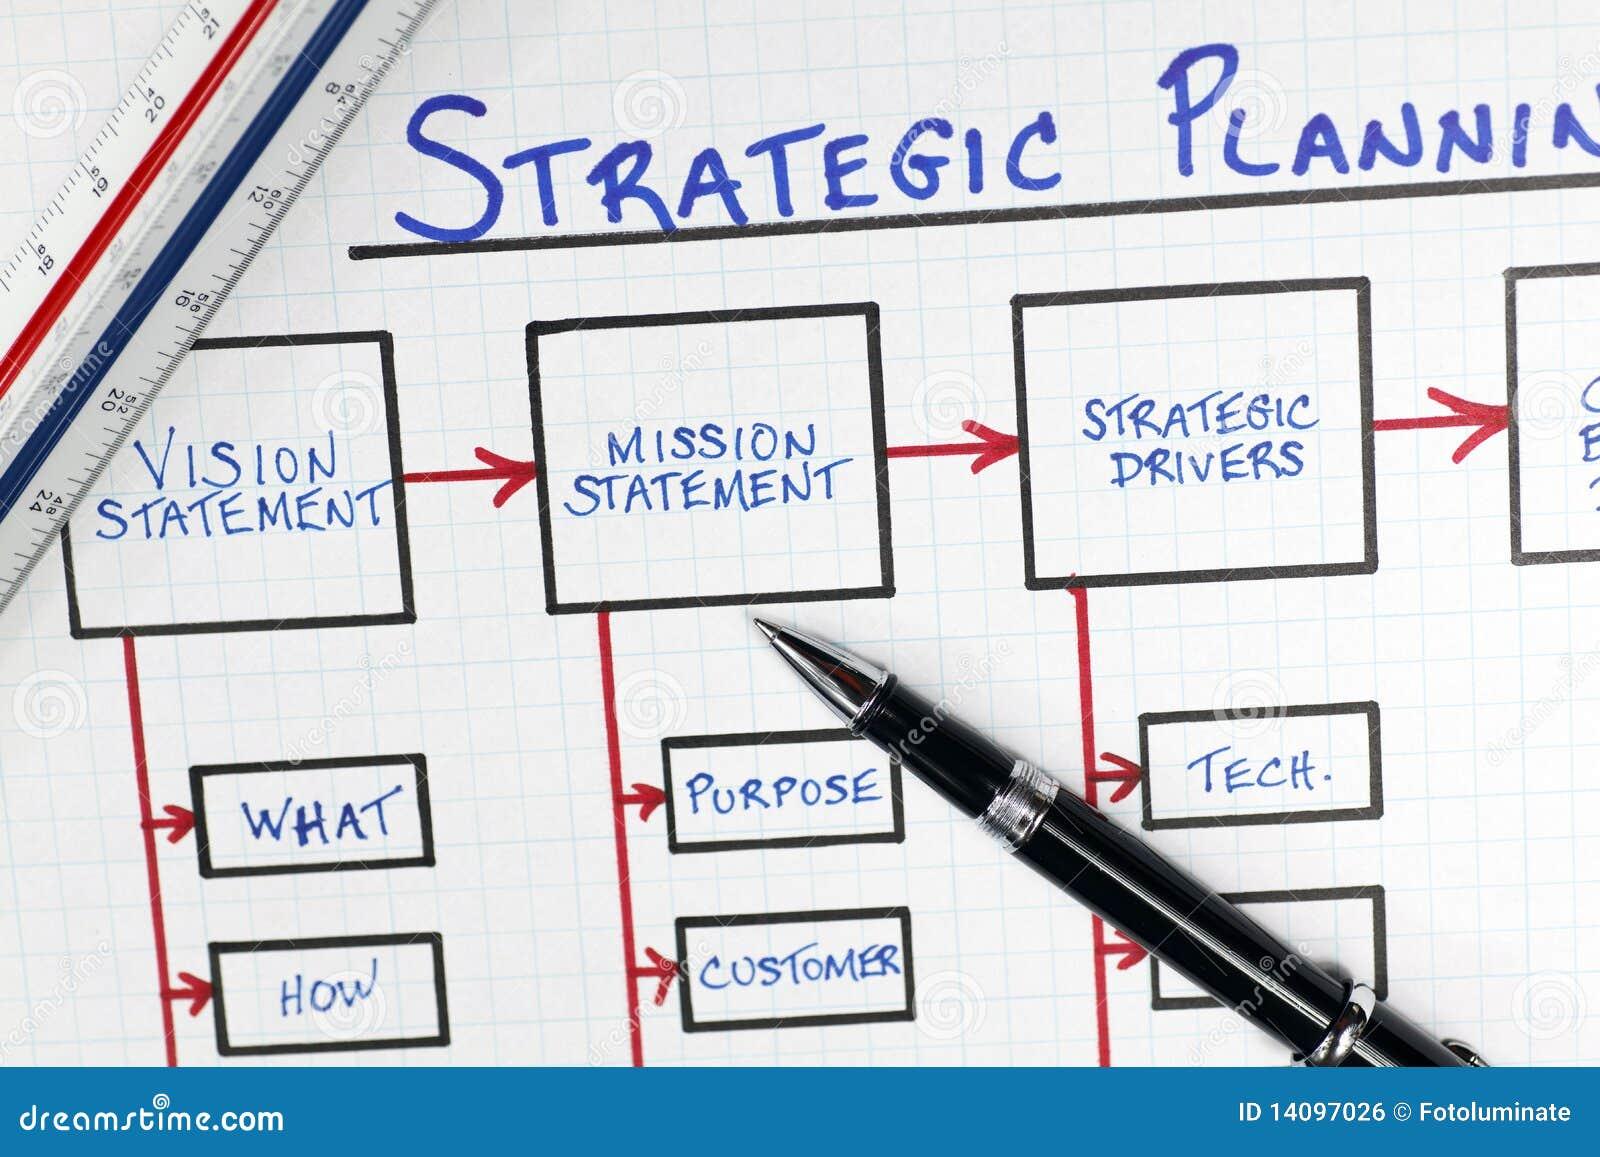 diagrama da estrutura do planeamento estrat233gico do